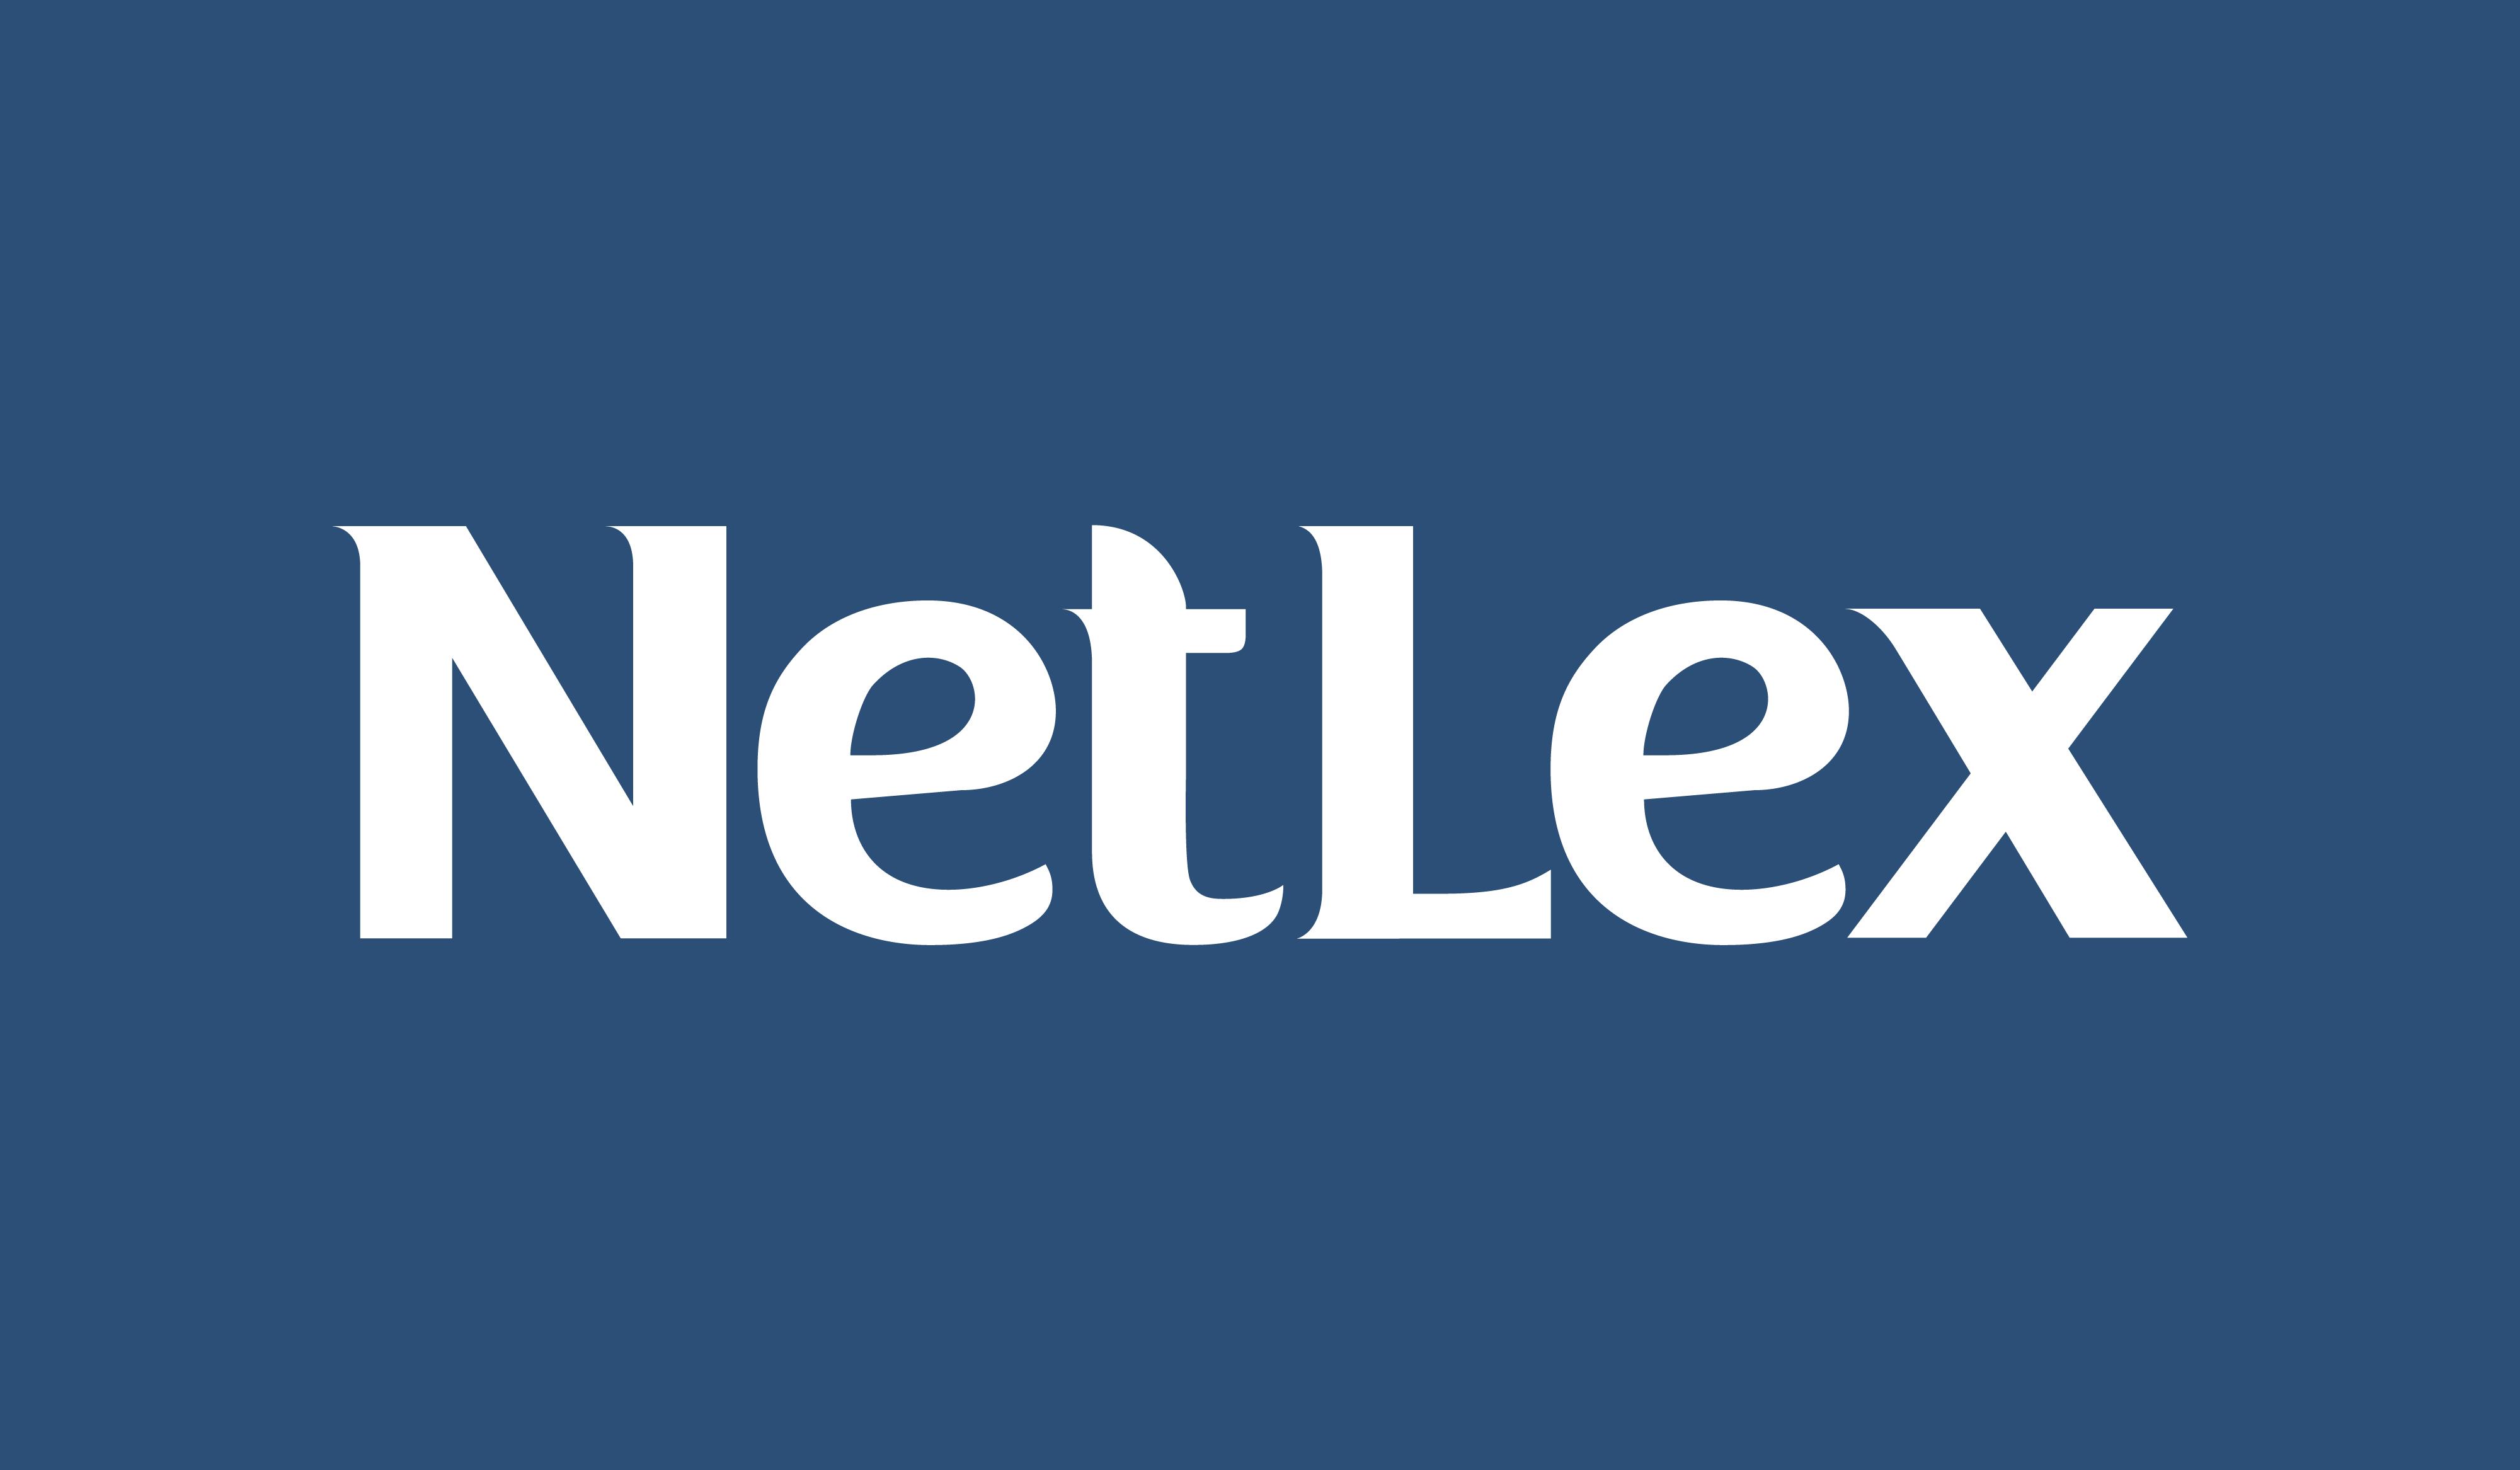 netlex